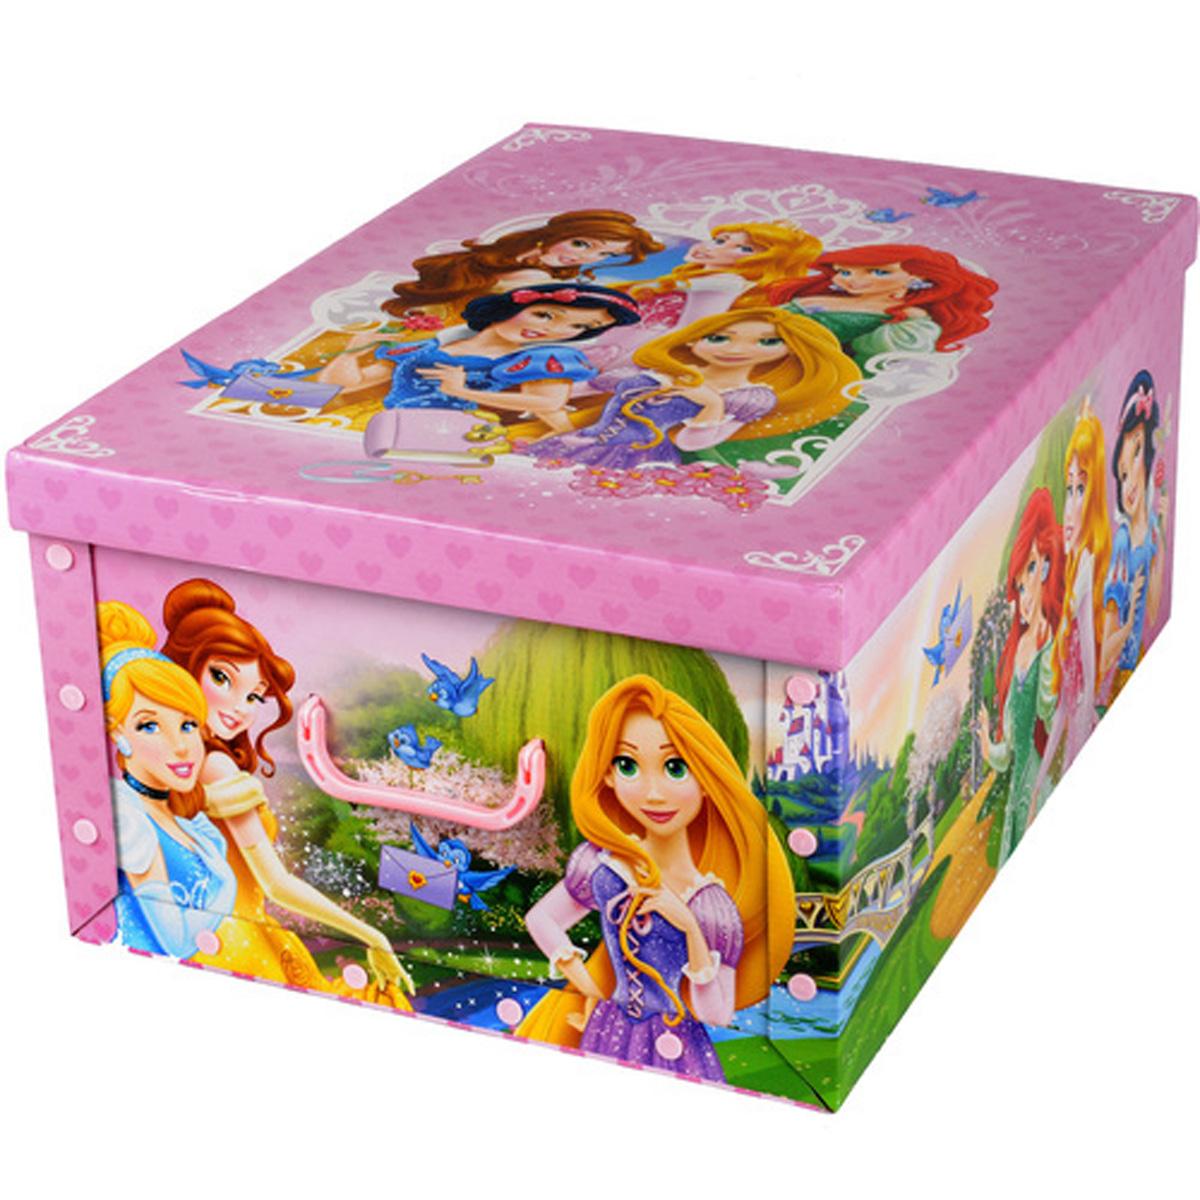 Коробка для хранения Disney Принцессы, 40 х 50 х 25 см64842Коробка для хранения Disney Принцессы, выполненная из высококачественного гофрированного картона, идеально подойдет для хранения игрушек, одежды, книг, канцелярских принадлежностей и других мелких предметов. Изделие легко собирается и не занимает много места. Коробка оснащена удобными ручками для транспортировки. Коробка Disney Принцессы поможет хранить все в одном месте, а также защитить вещи от пыли, грязи и влаги. Размер коробки (в собранном виде): 40 х 50 х 25 см.